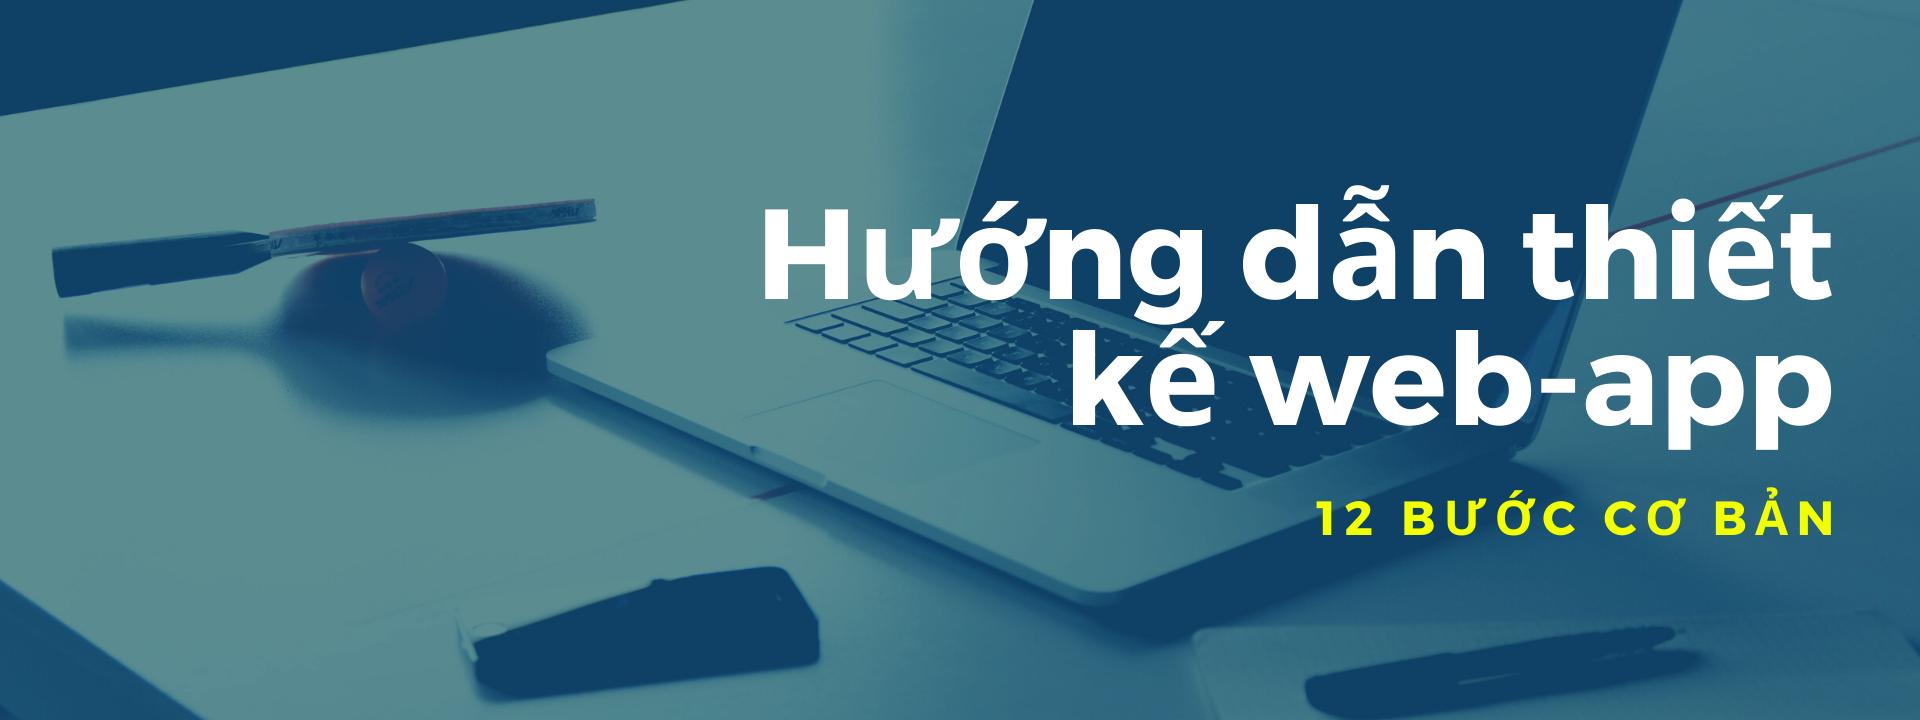 Hướng dẫn thiết kế web app